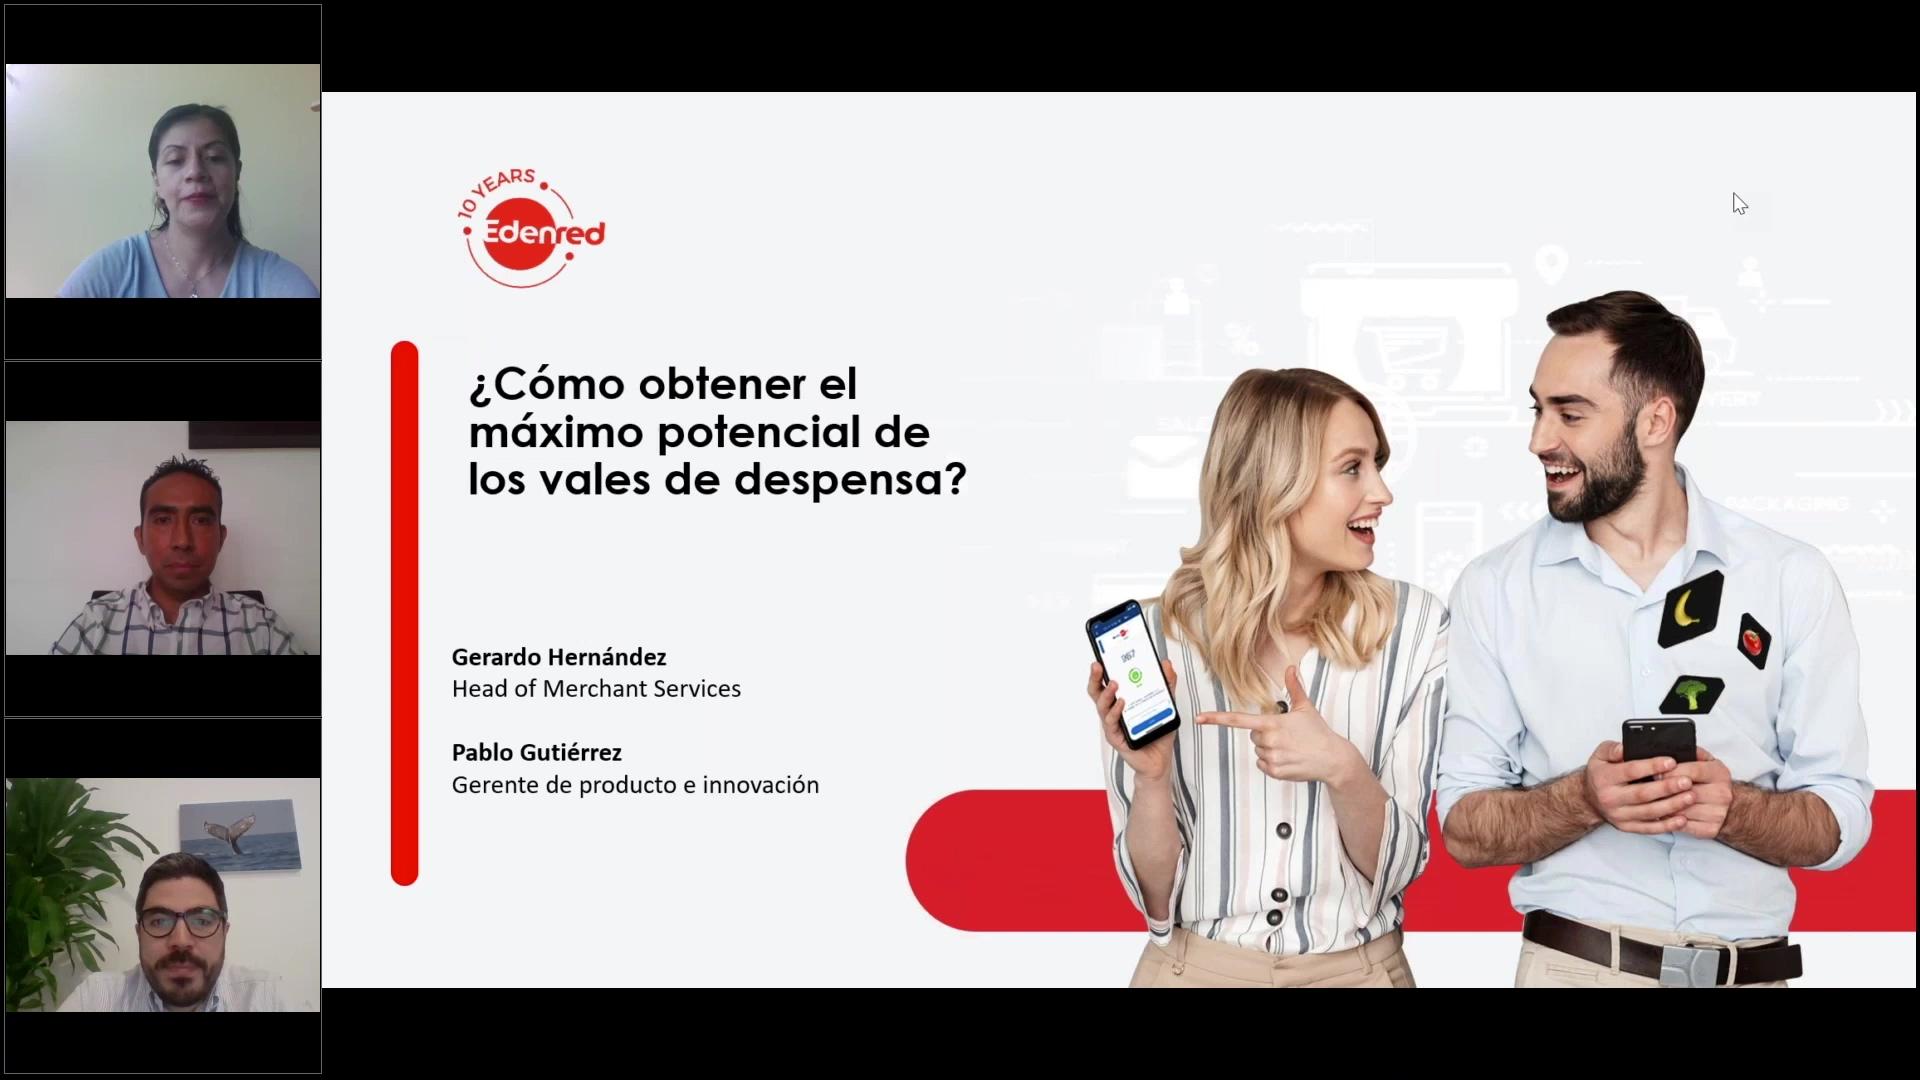 39 clip webinar ¿CÓMO OBTENER EL MÁXIMO POTENCIAL DE LOS VALES DE DESPENSA?